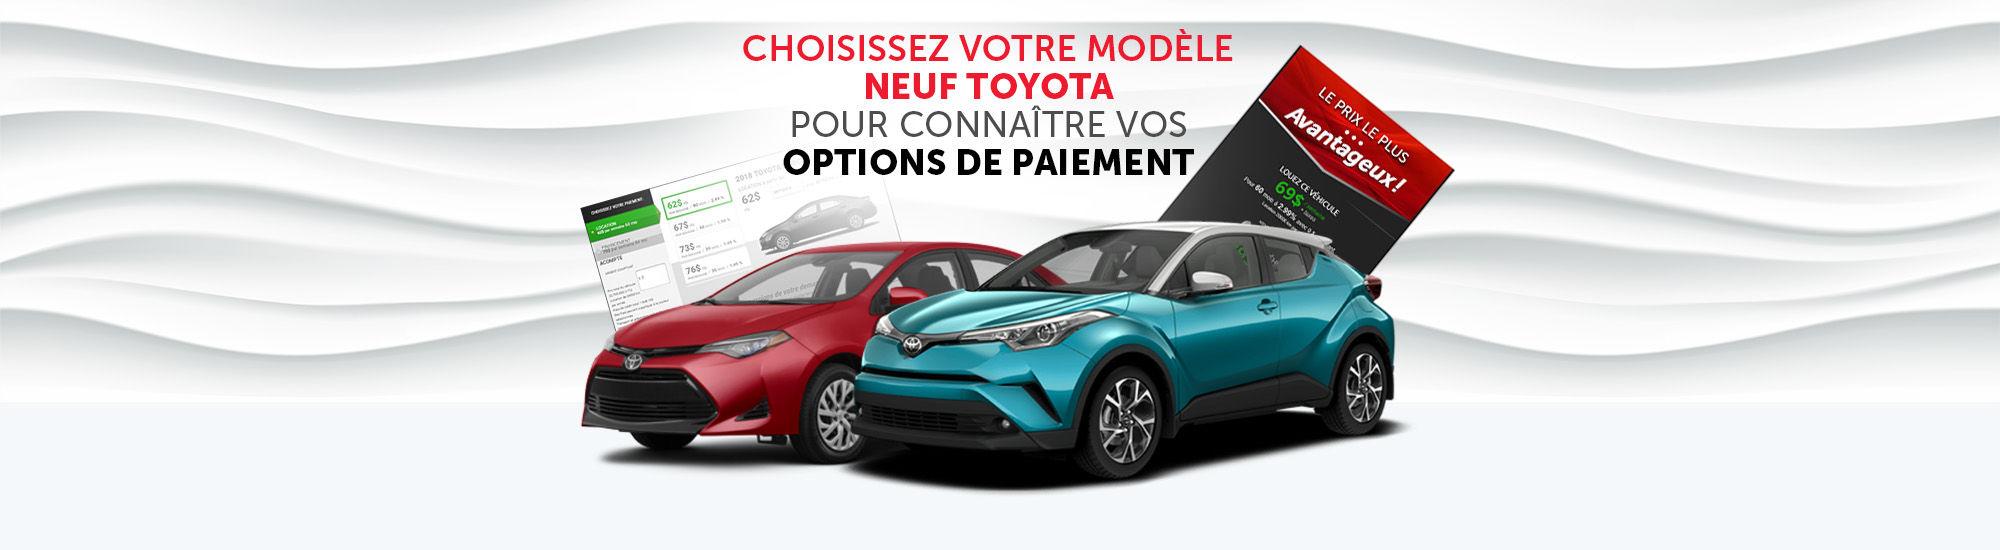 Choisissez votre modèle neuf Toyota pour connaitre vos options de paiements